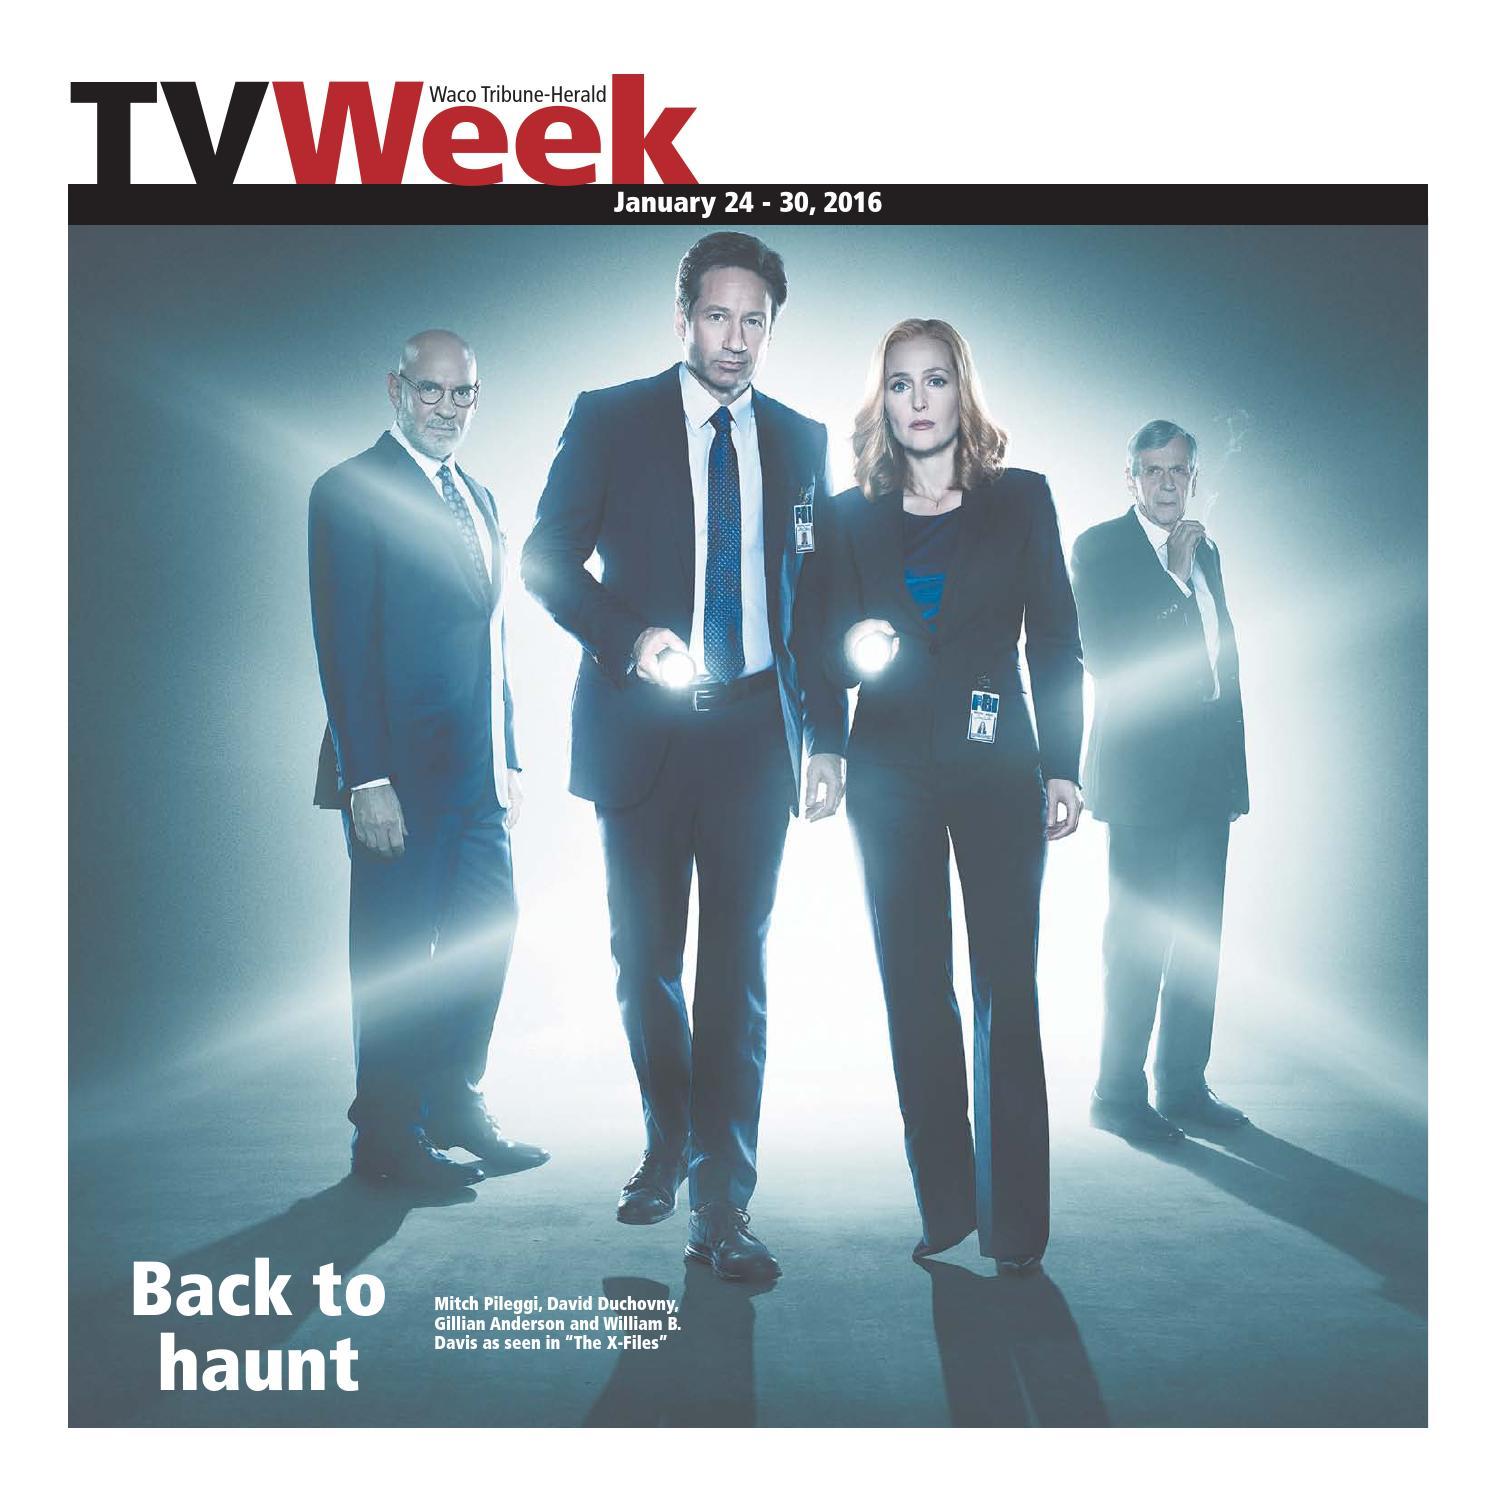 Tv week 1 22 16 by Wacotrib com - issuu